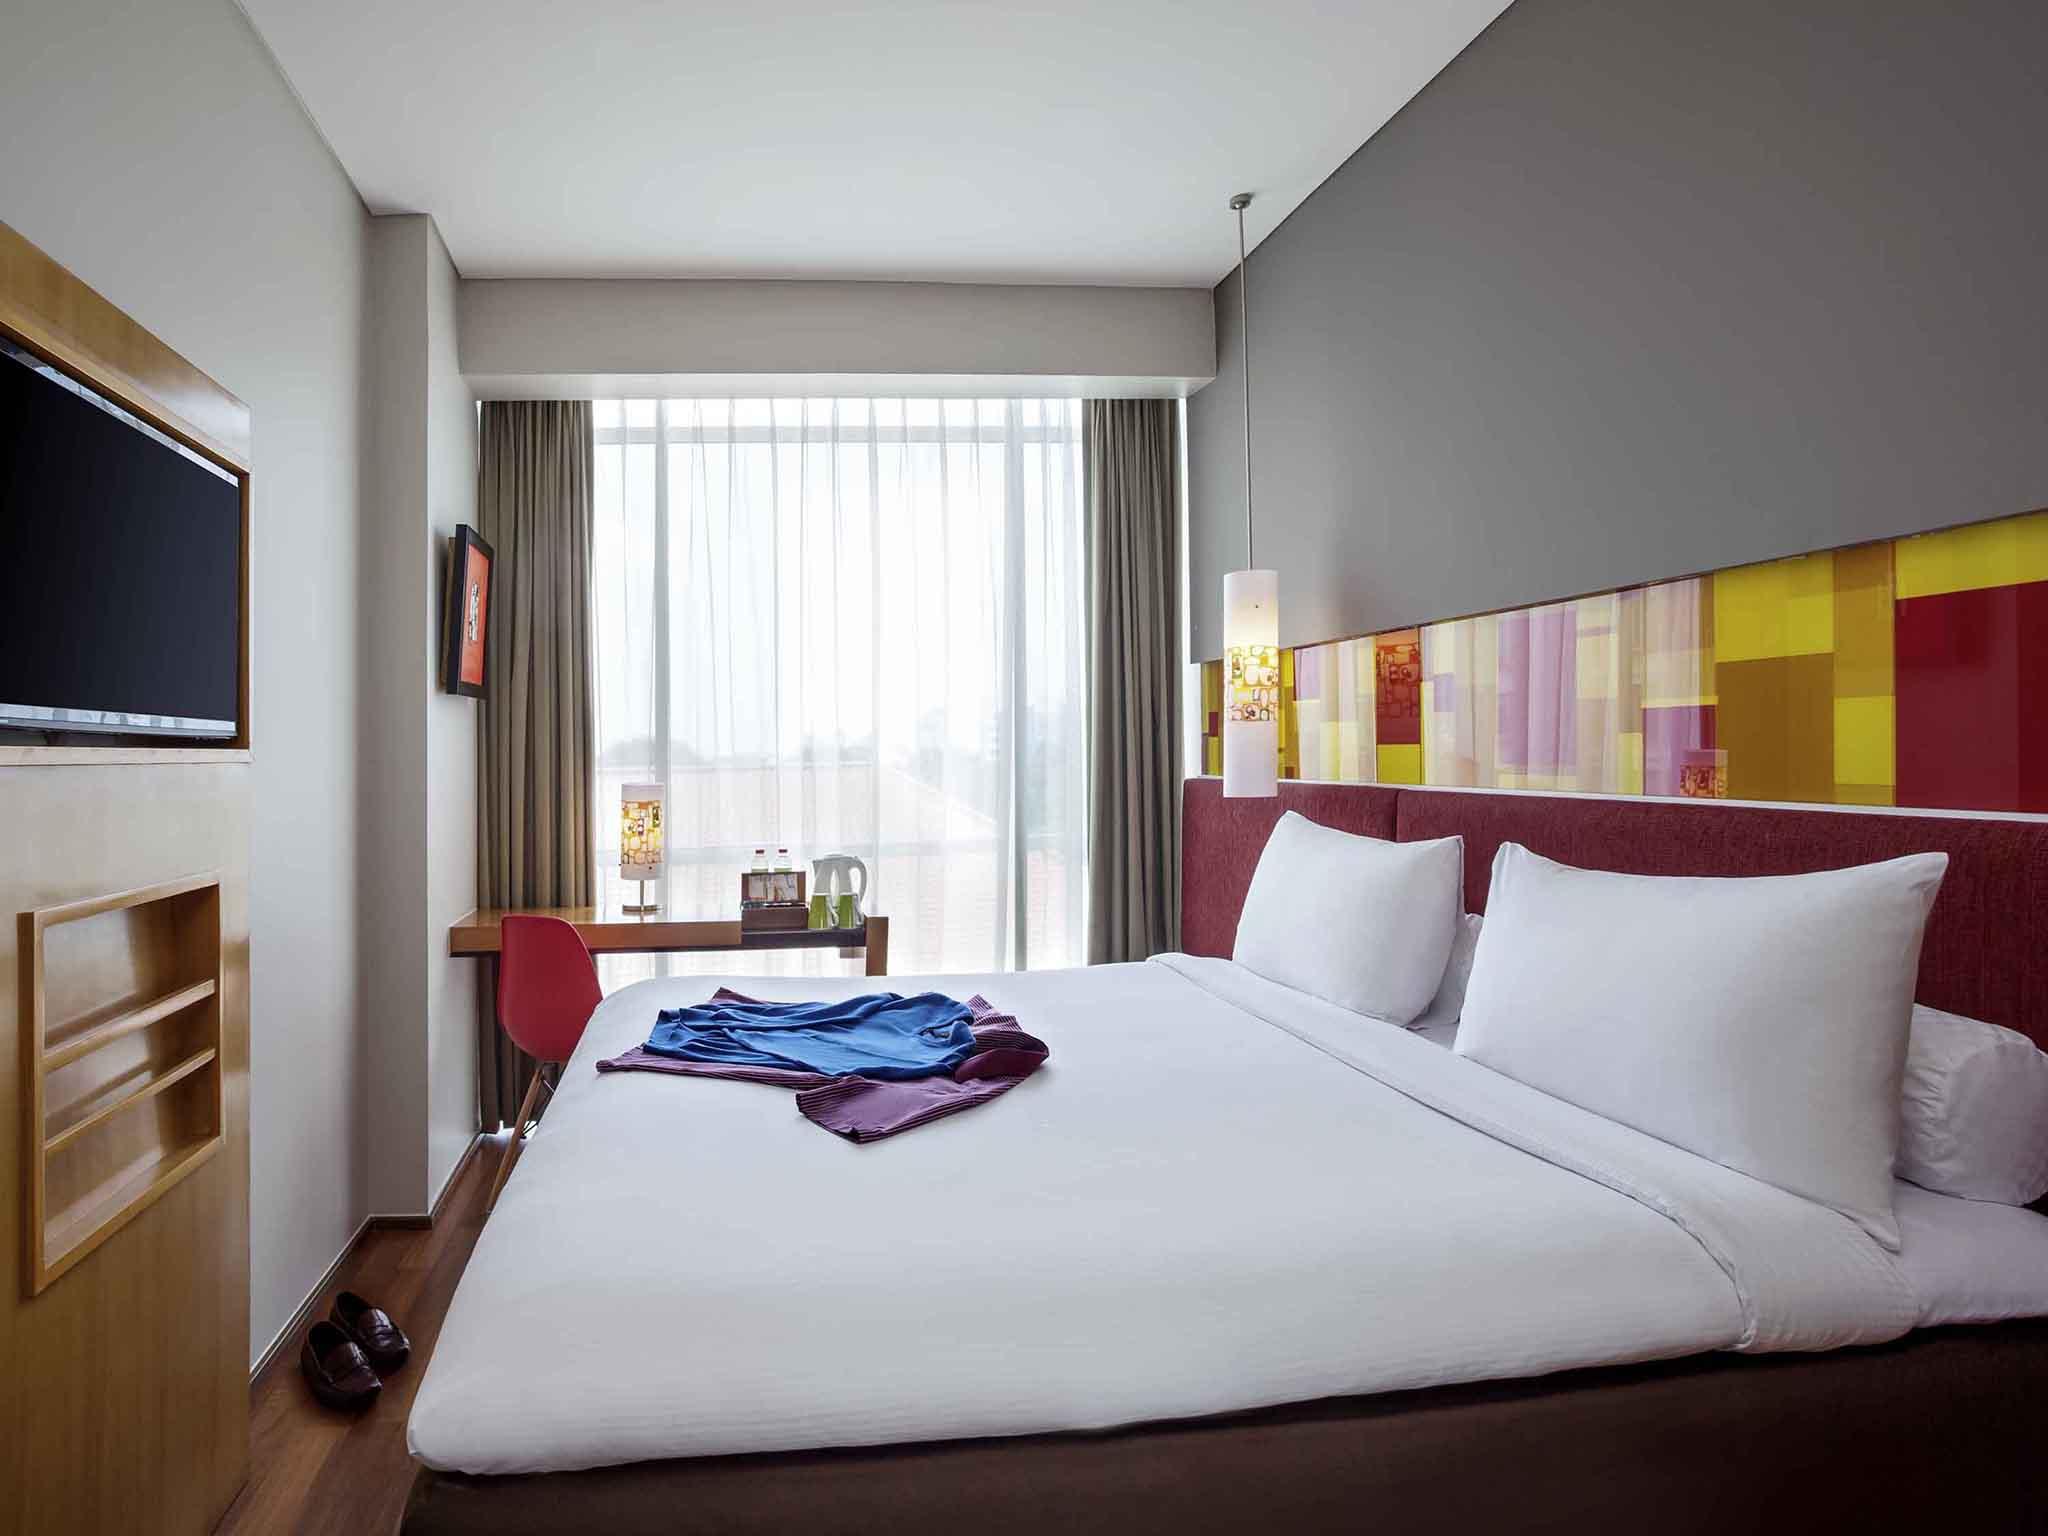 Hôtel à solo meilleurs tarifs à solo hôtel économique